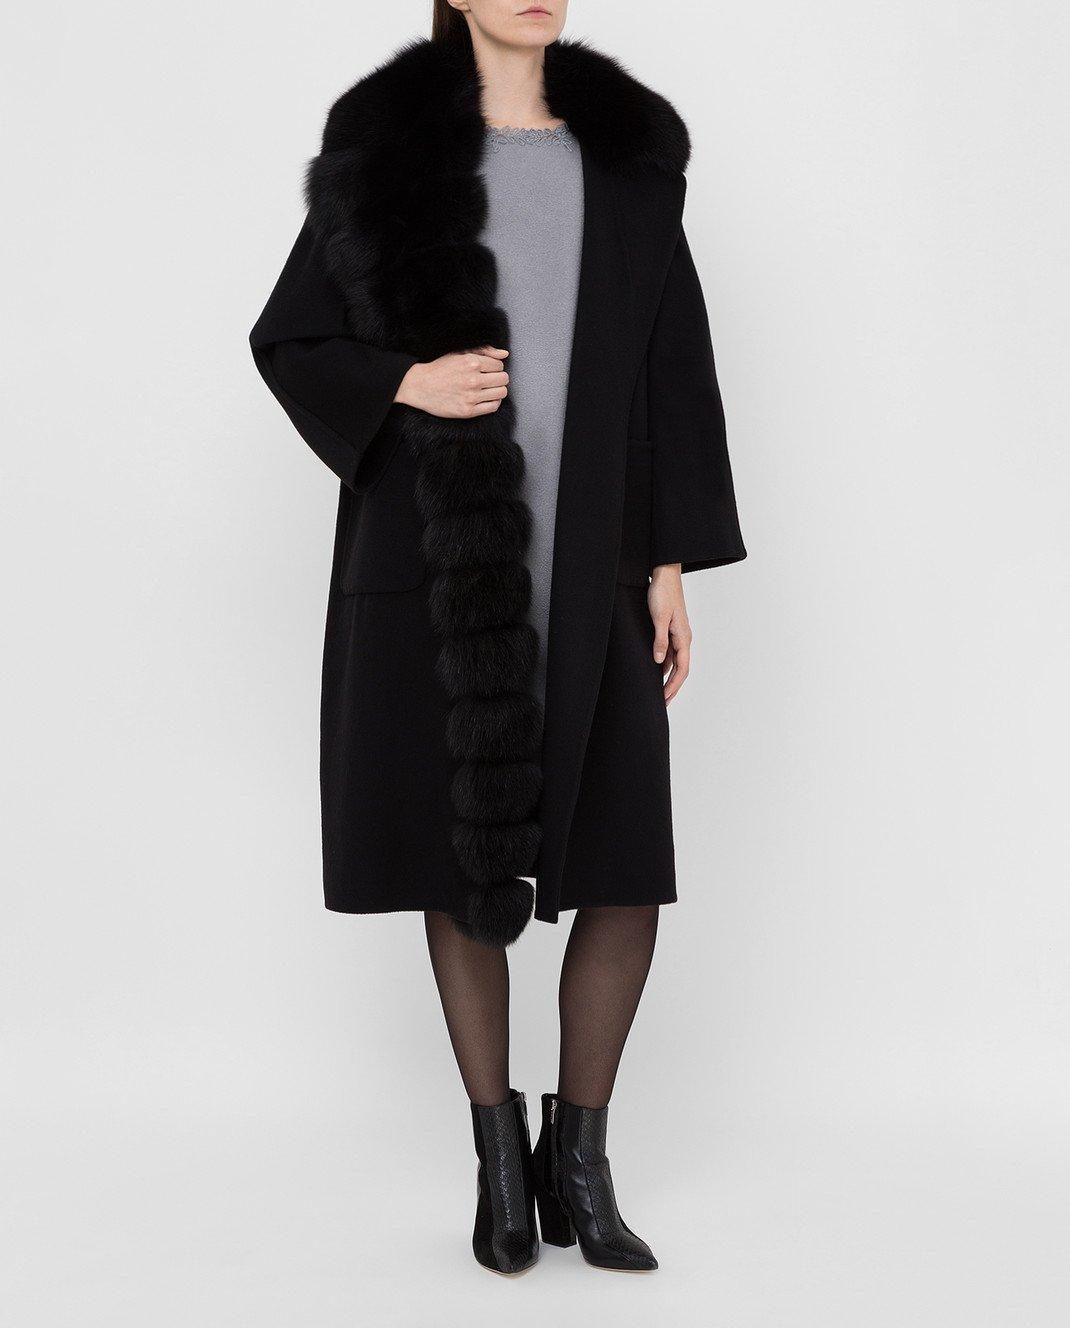 Ermanno Scervino Черное пальто из шерсти с мехом лисы изображение 2